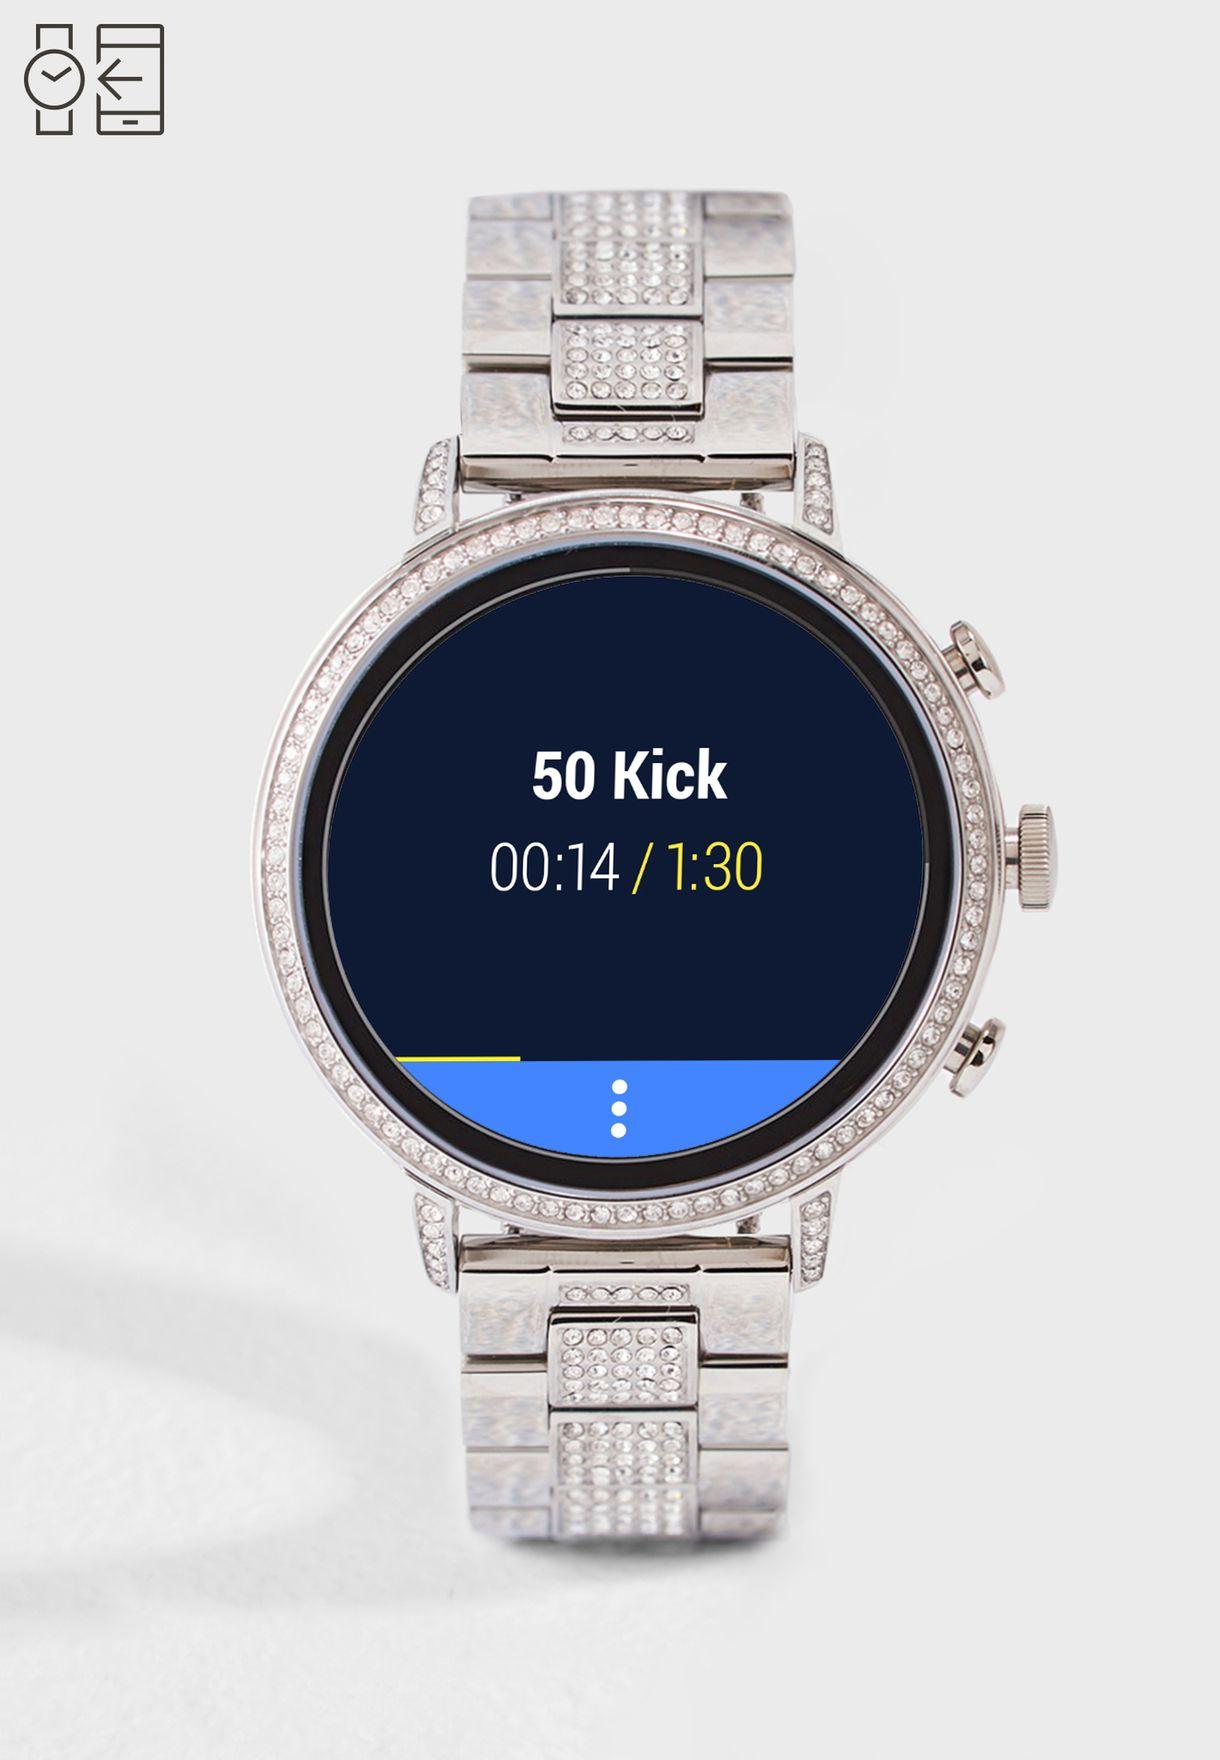 ساعة ذكية بتصميم عصري